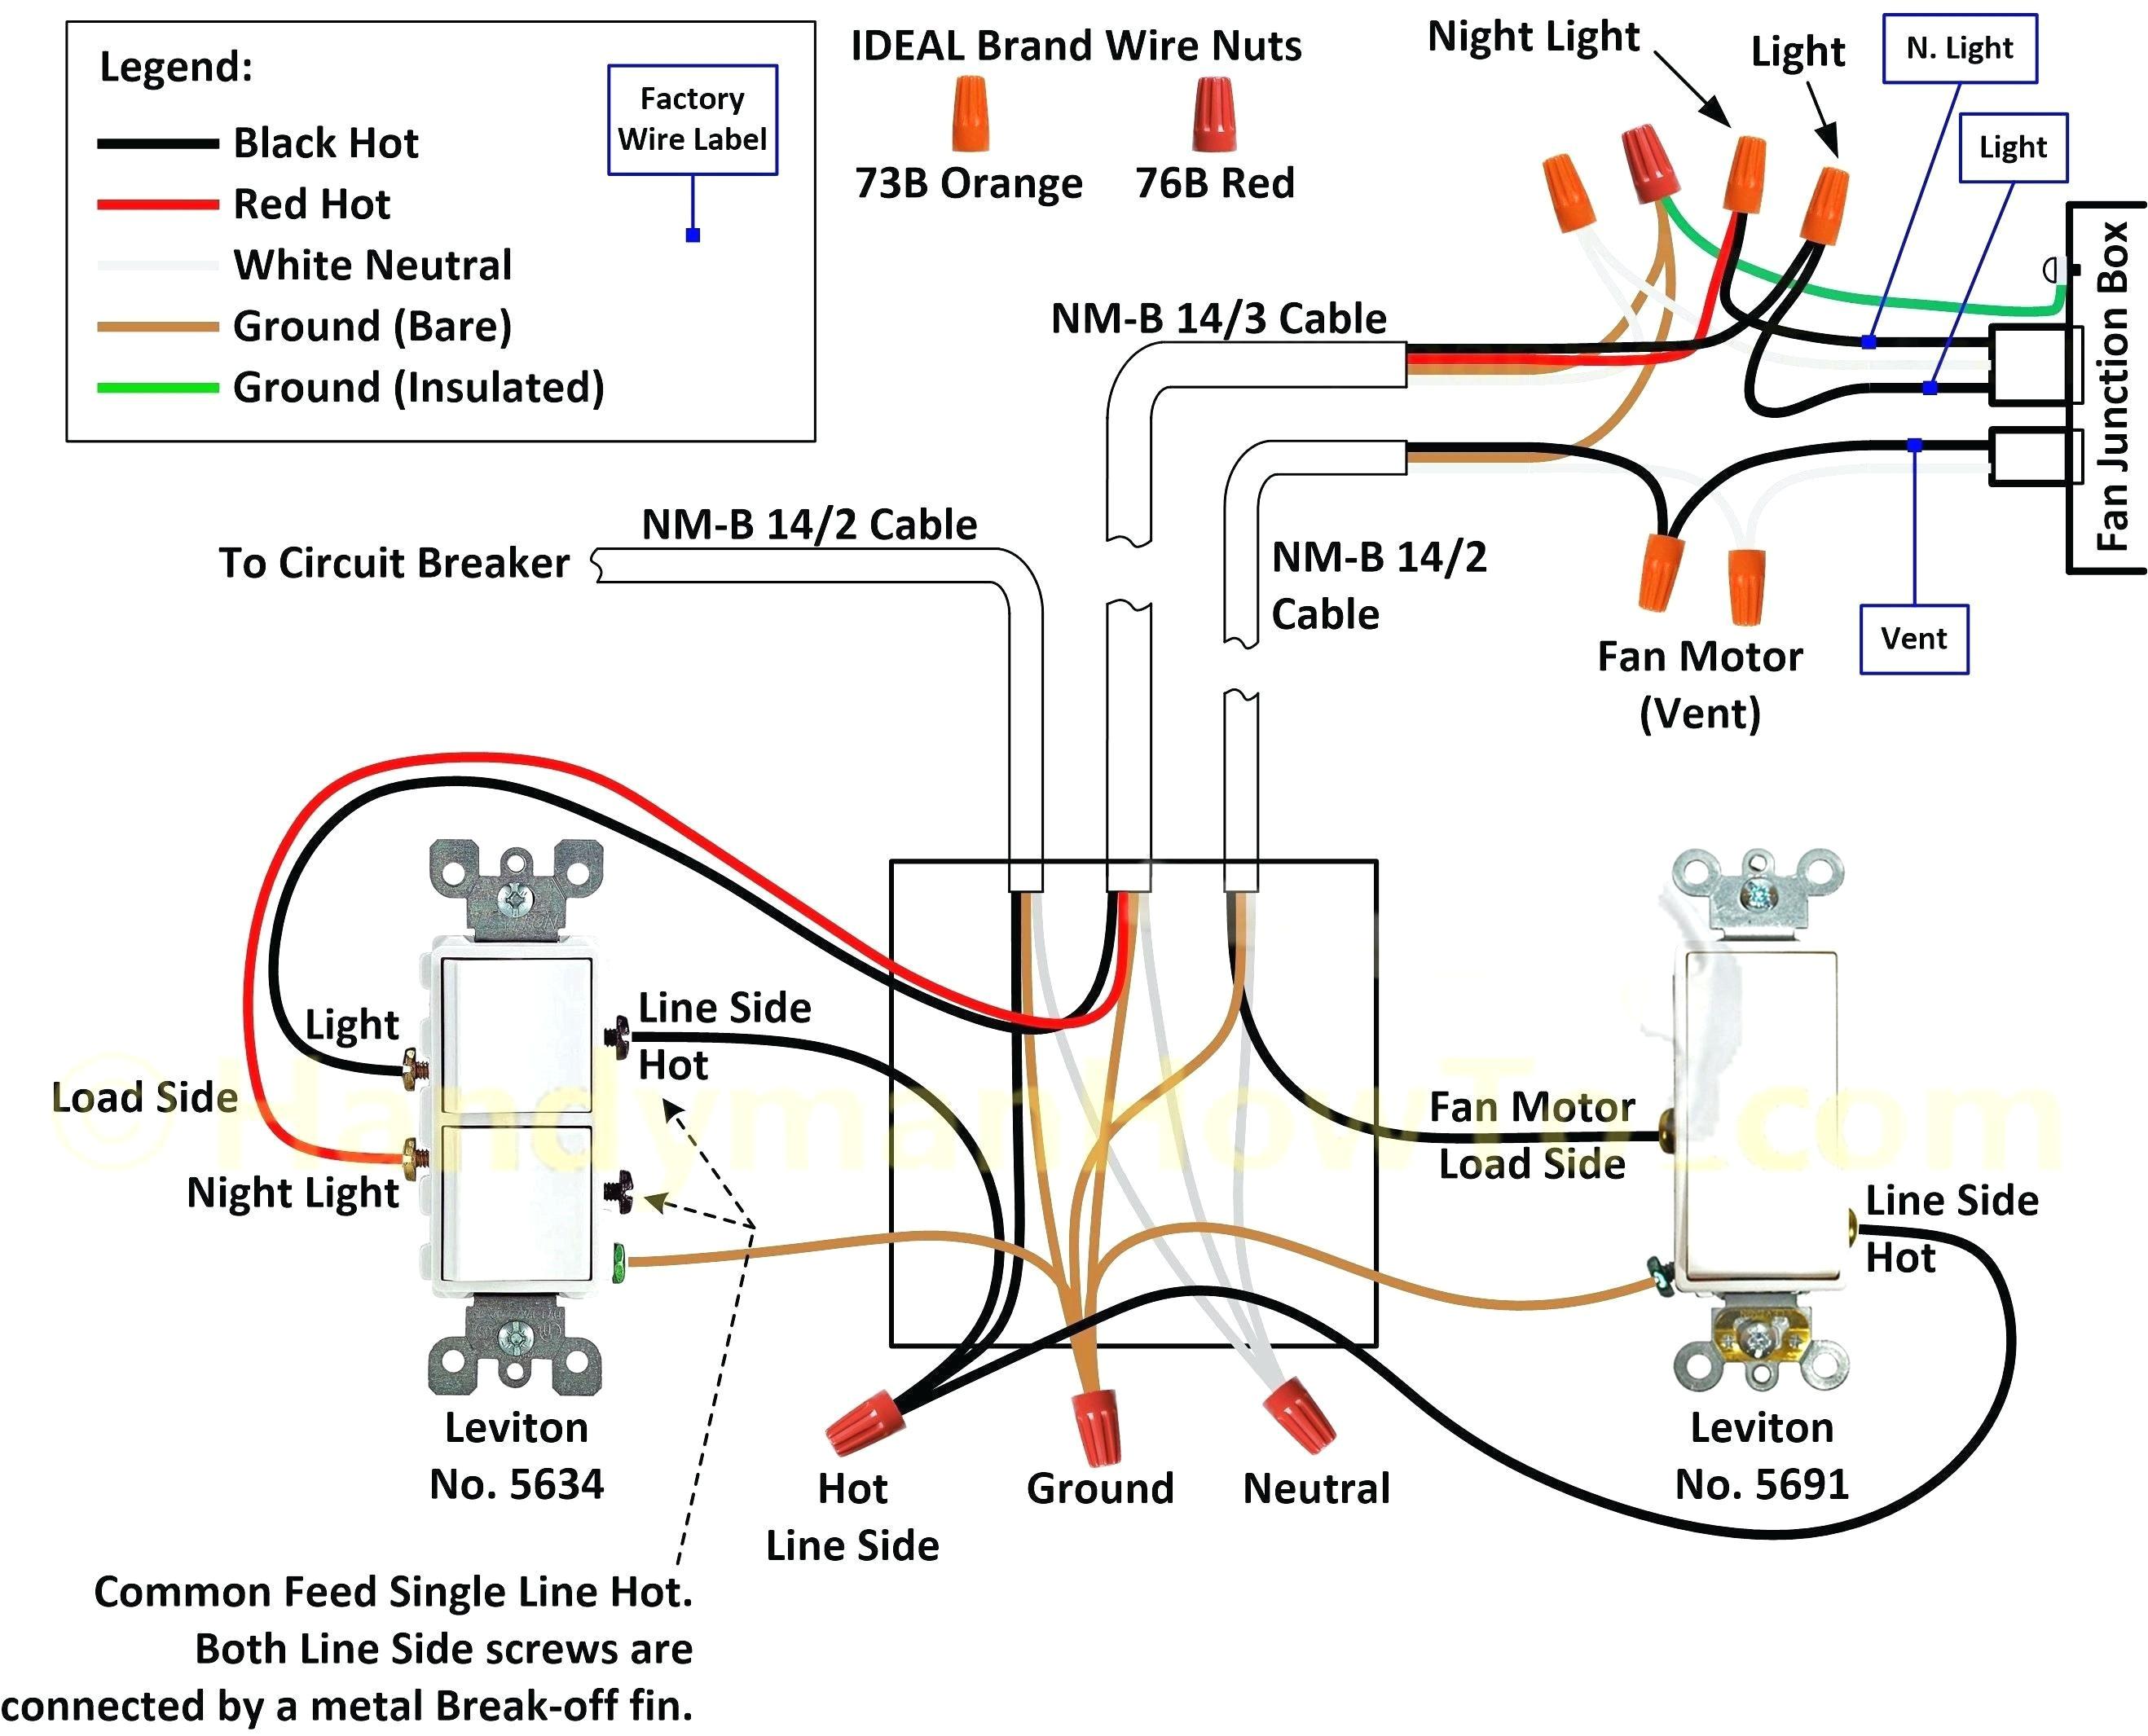 dimmer switch schematic diagram wiring diagram paper dimmer wire diagram wiring diagram inside dimmer switch schematic